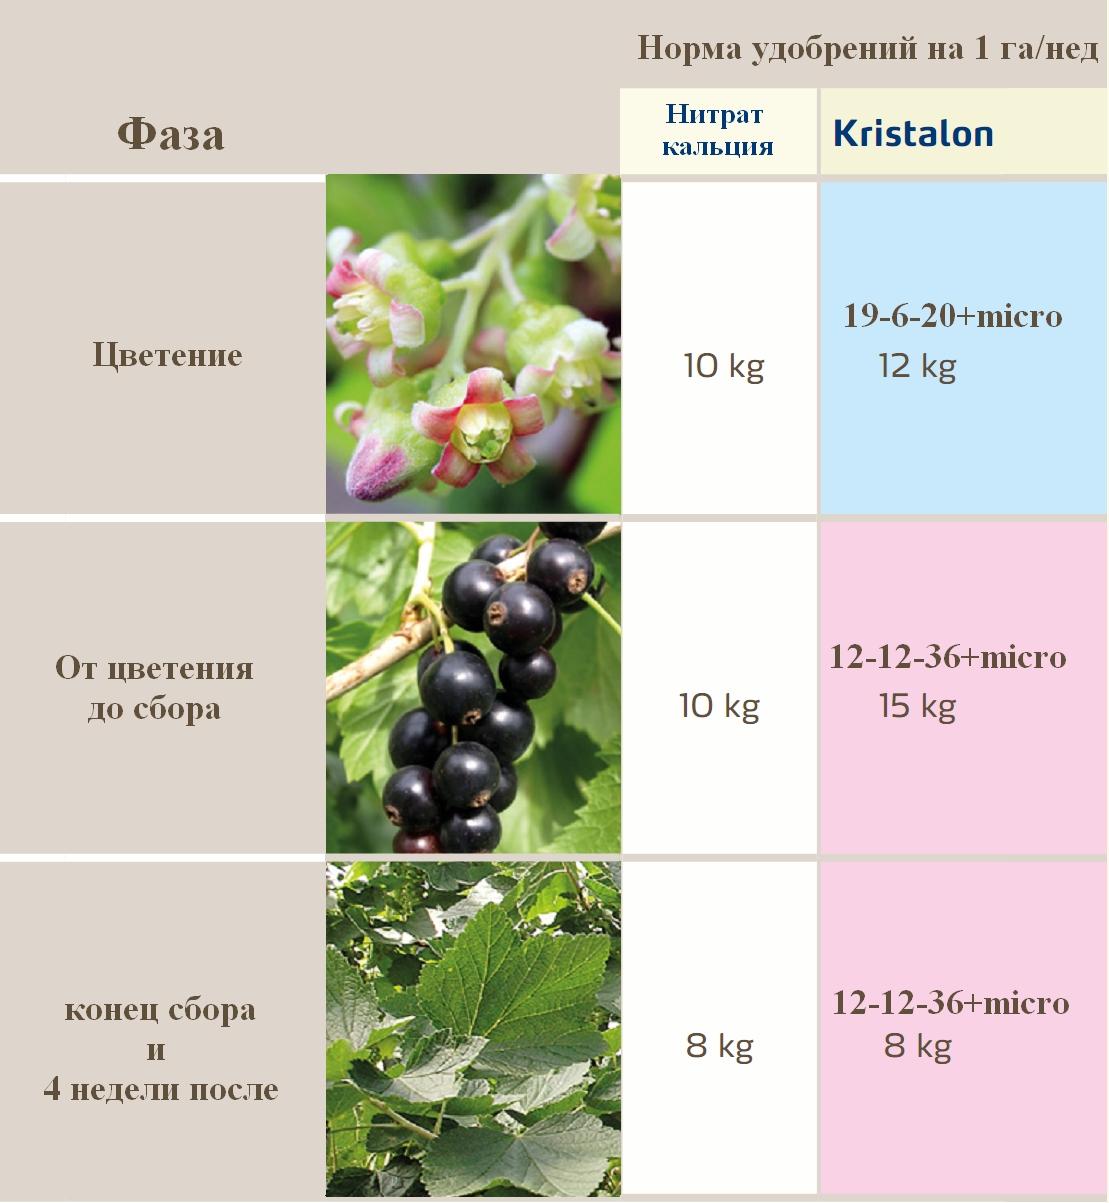 Чем подкормить смородину весной для хорошего урожая - самые лучшие удобрения